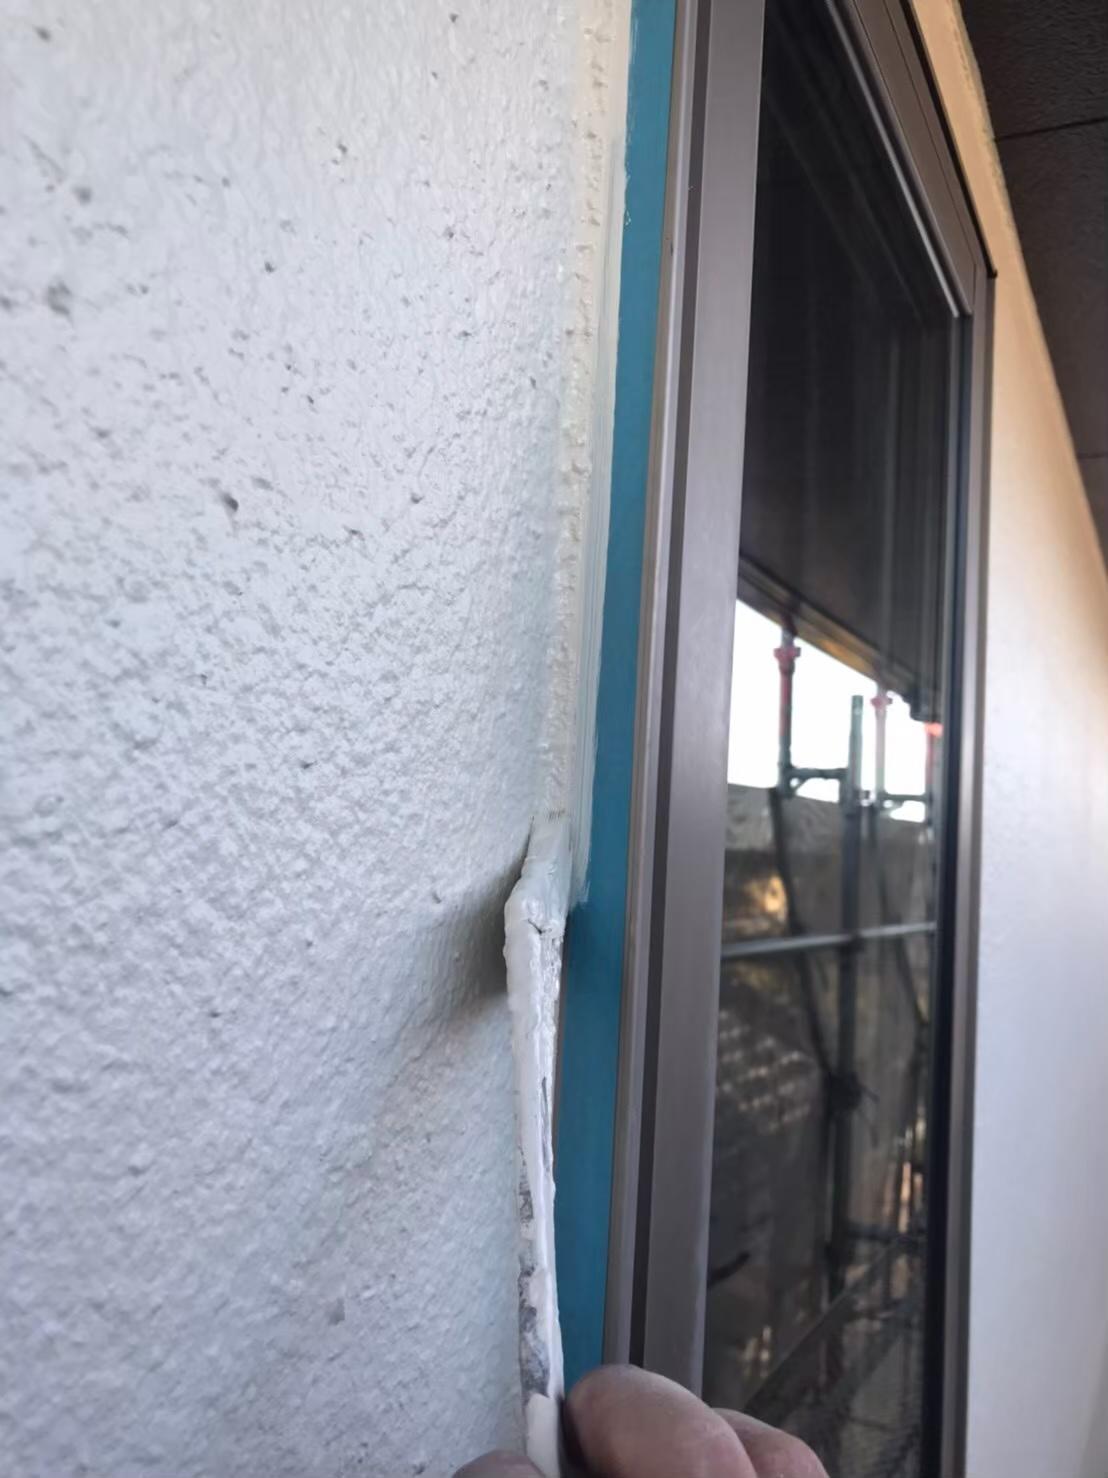 福岡市南区 窓周り ライン出し 写真2